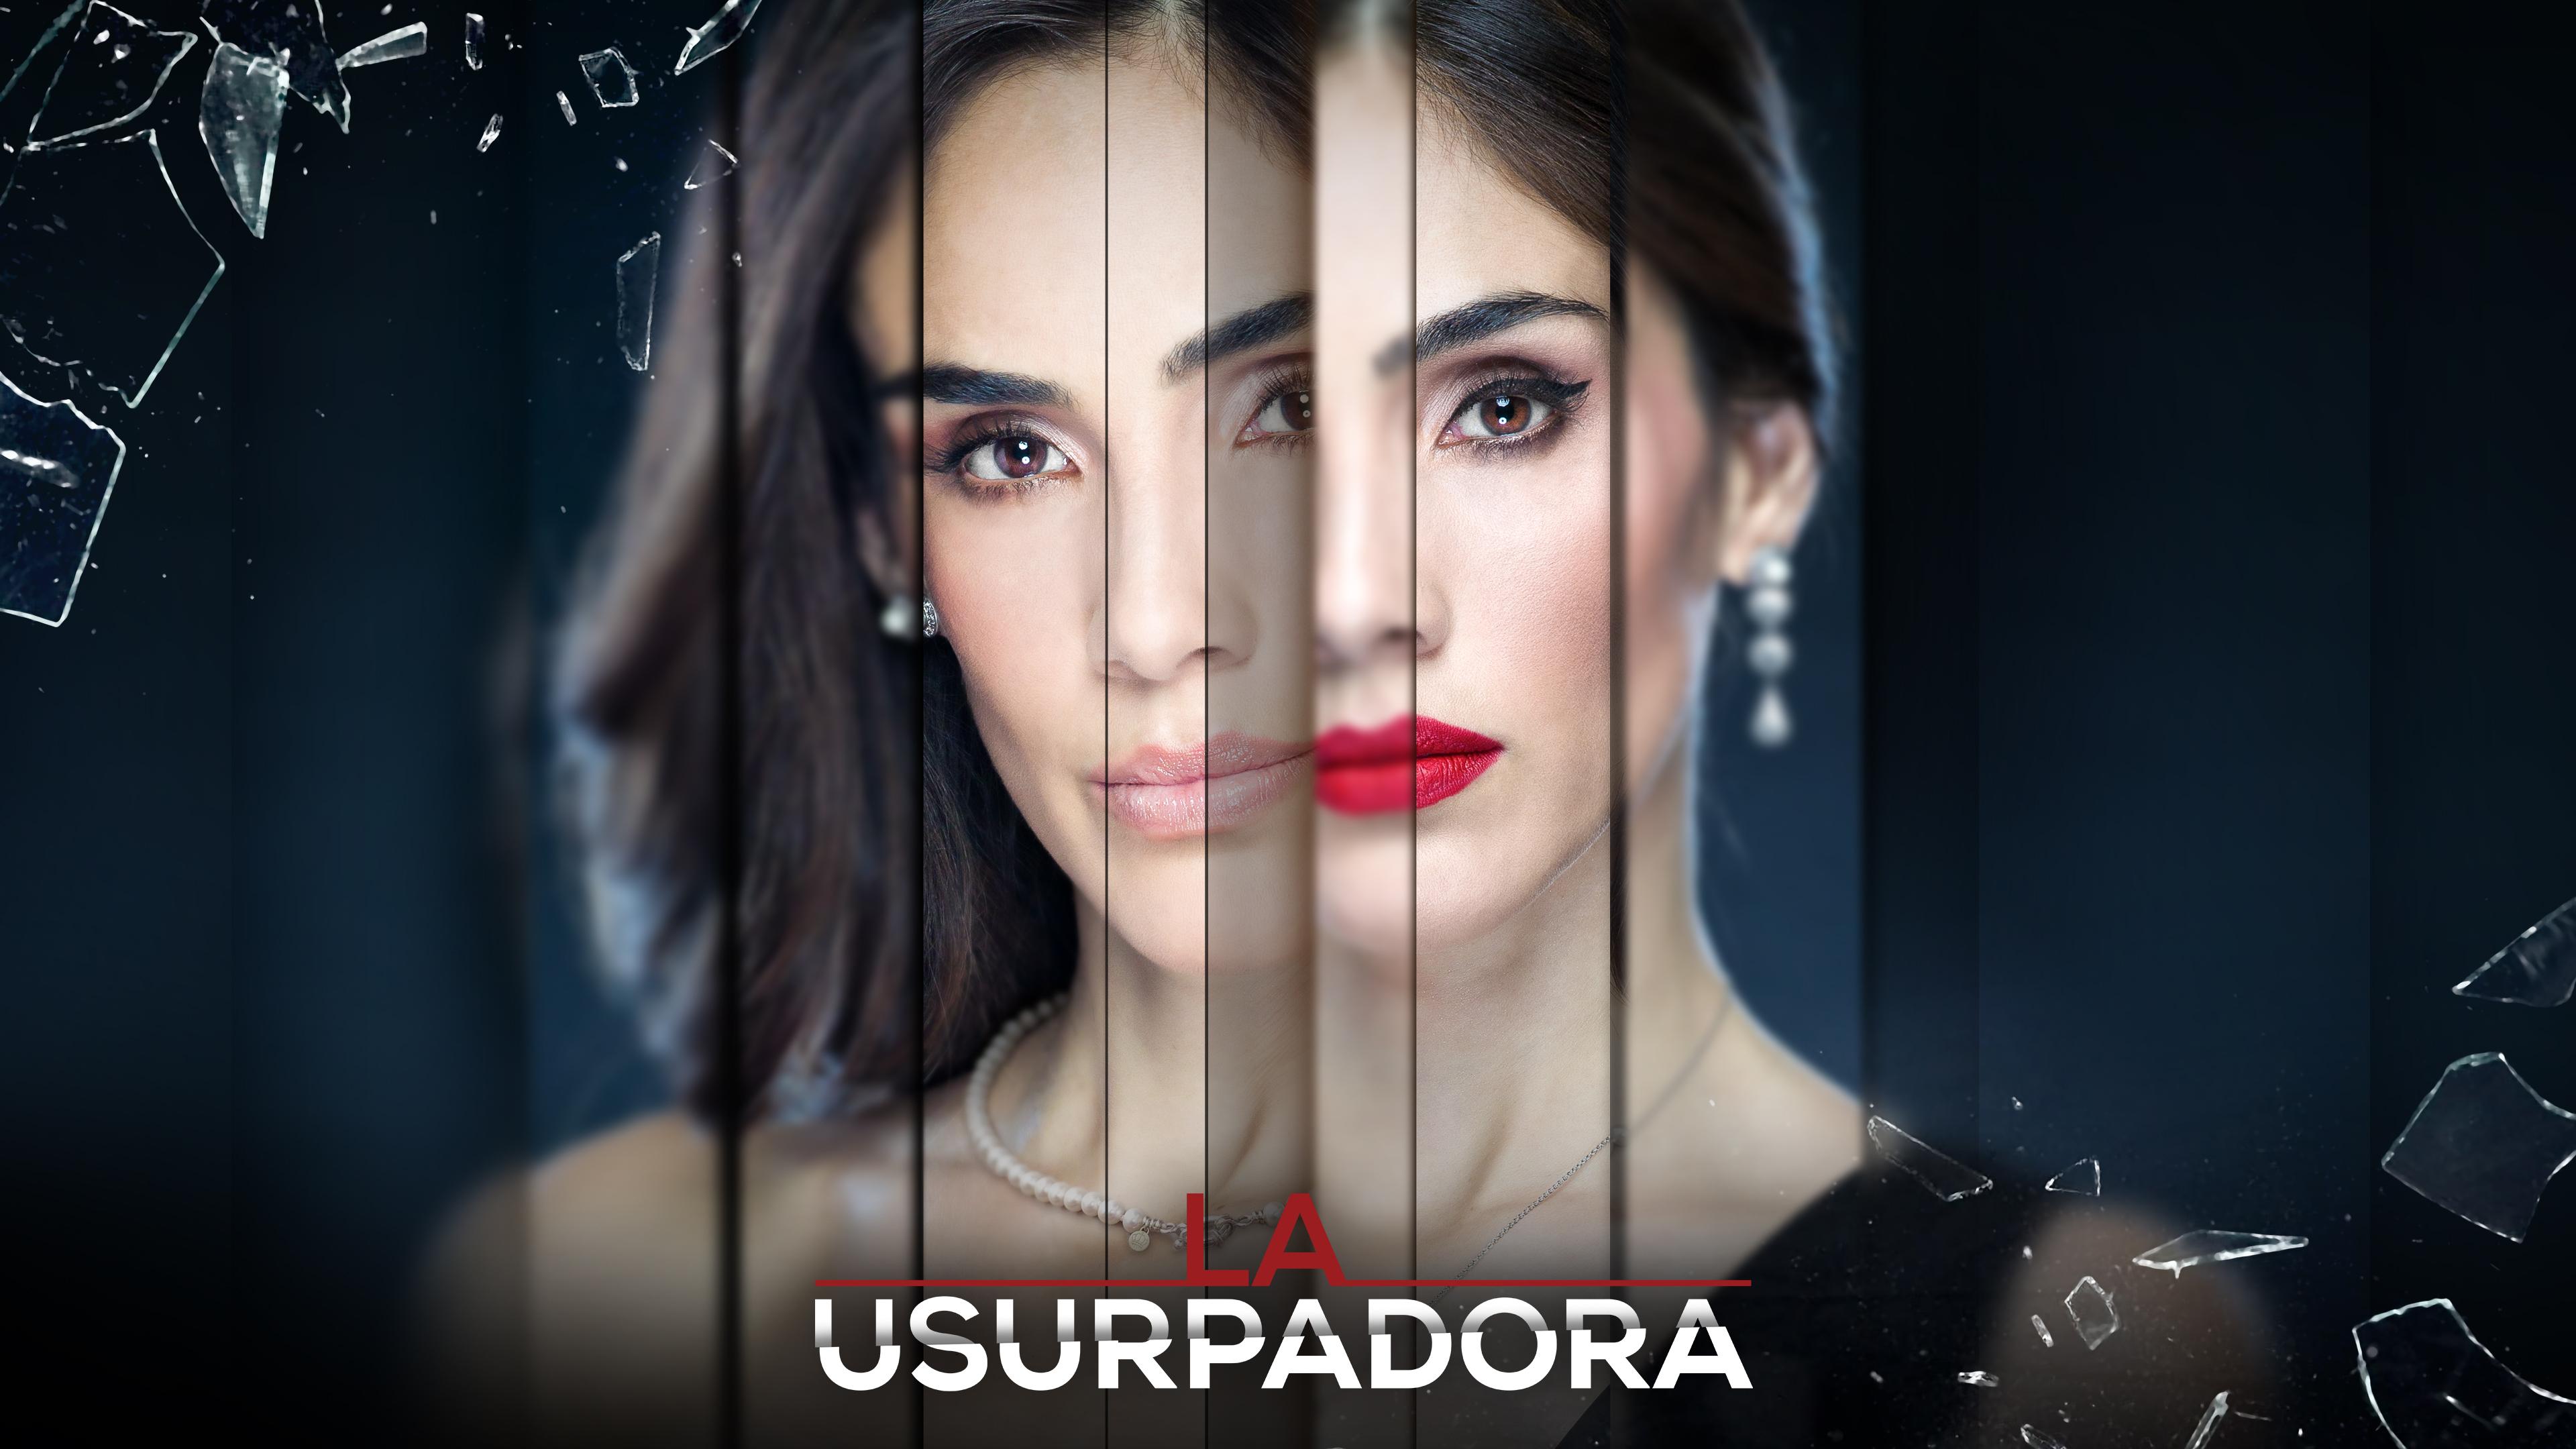 La Ursupadora - Hot list - October 2019